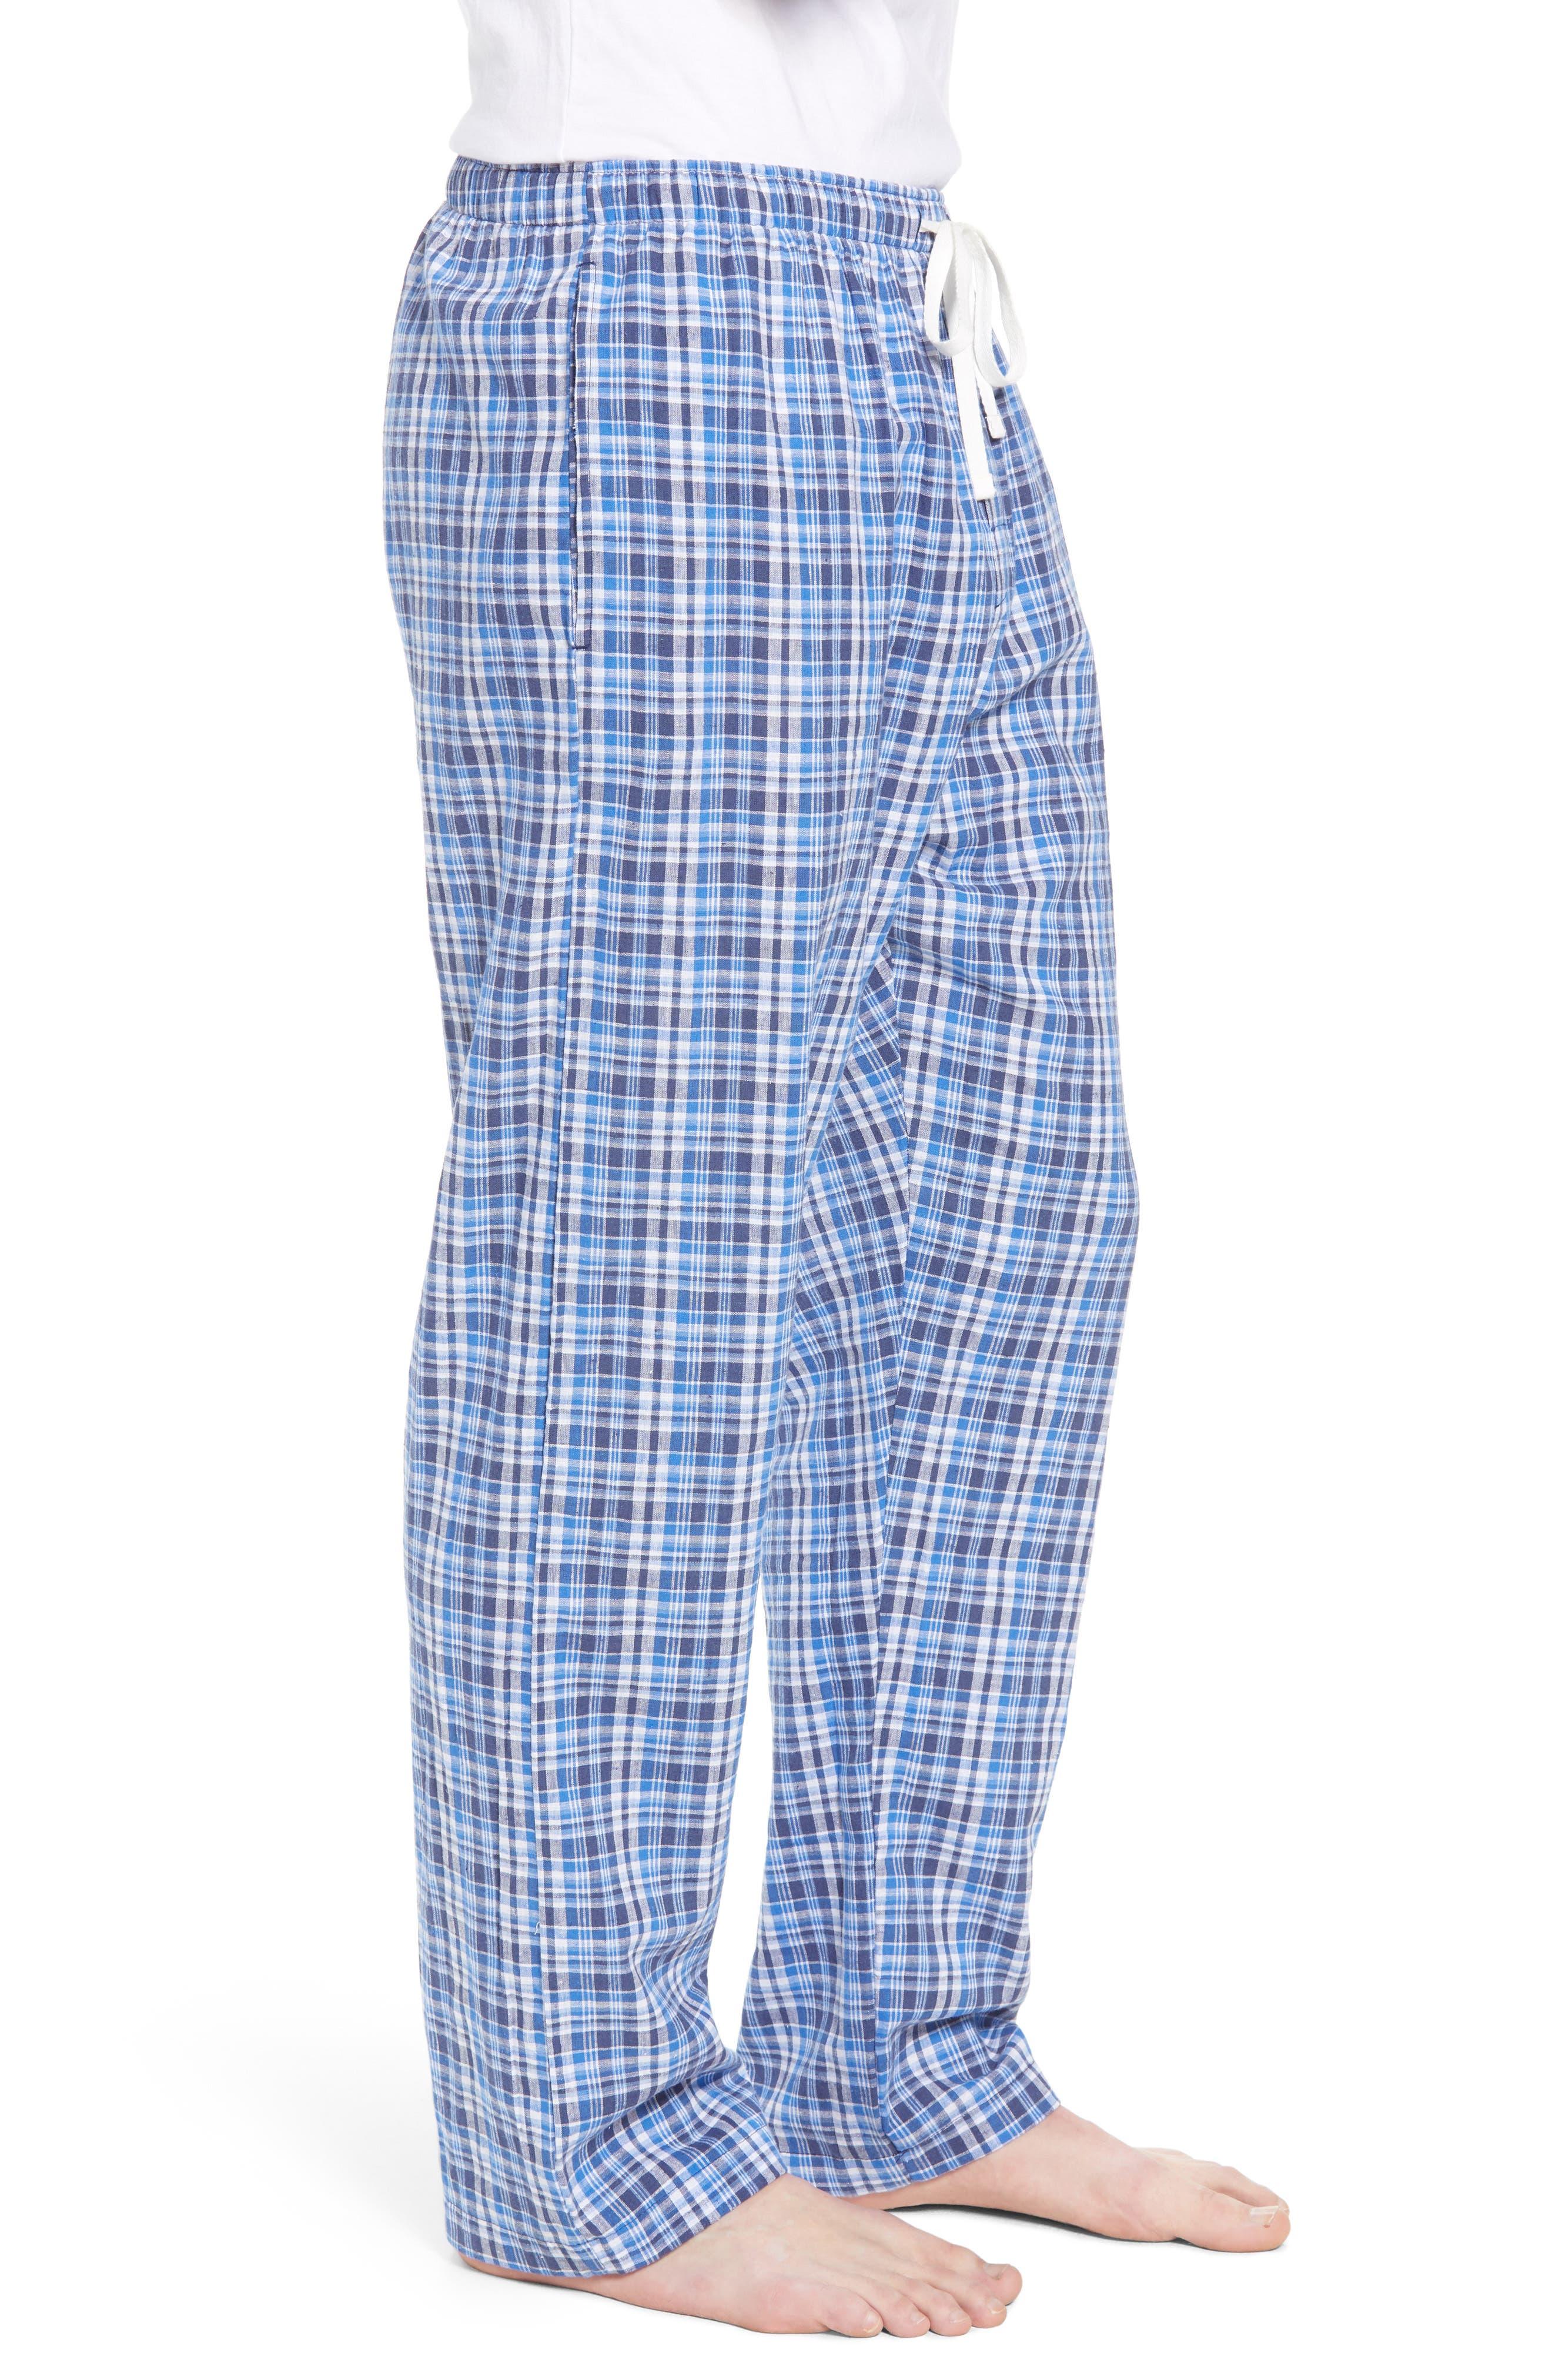 Walker Plaid Cotton & Linen Pajama Pants,                             Alternate thumbnail 3, color,                             Walker Plaid/ Cruise Navy